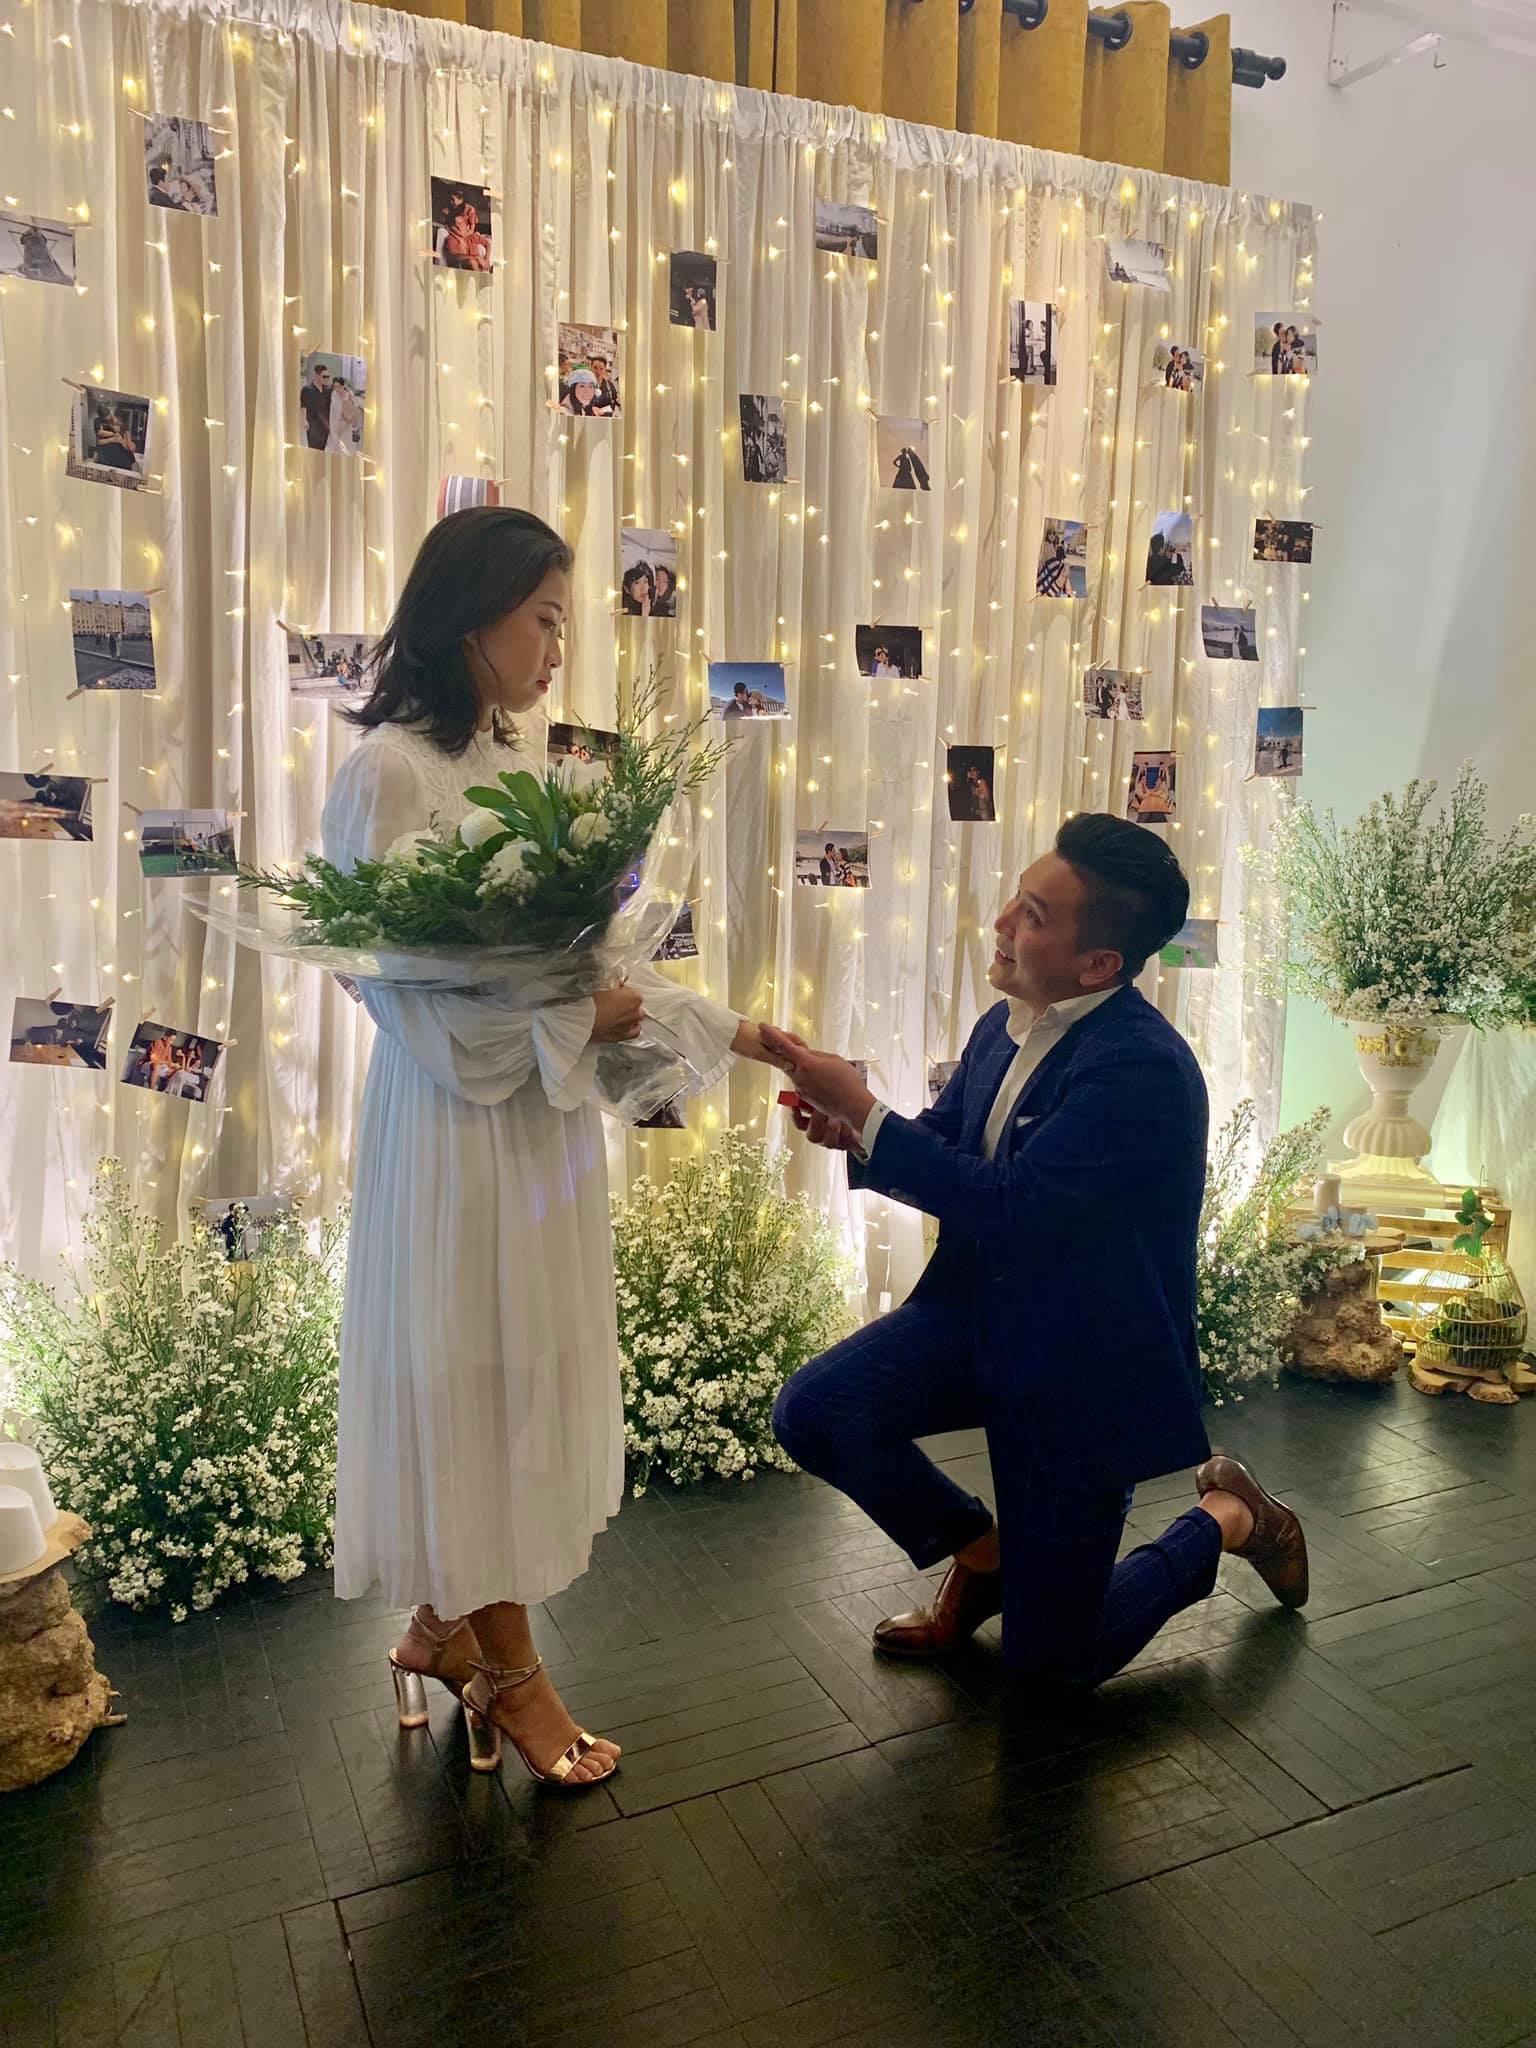 MC Liêu Hà Trinh được bạn trai kém tuổi quỳ gối cầu hôn sau thời gian yêu xa - Ảnh 1.